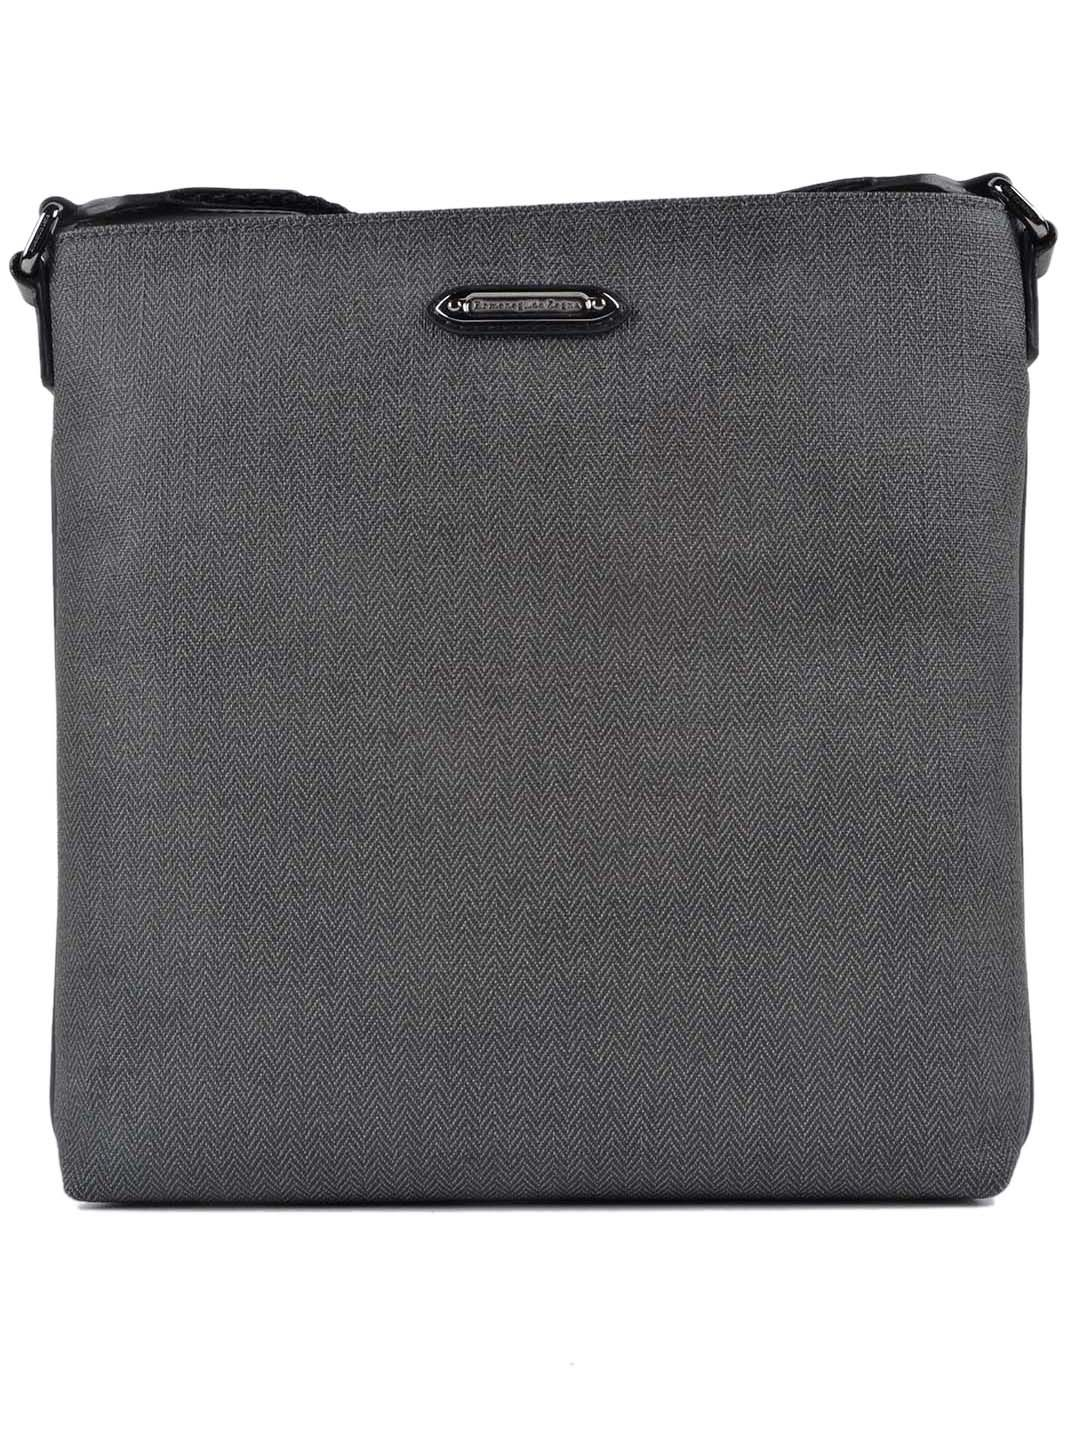 Ermenegildo Zegna Herringbone Shoulder Bag